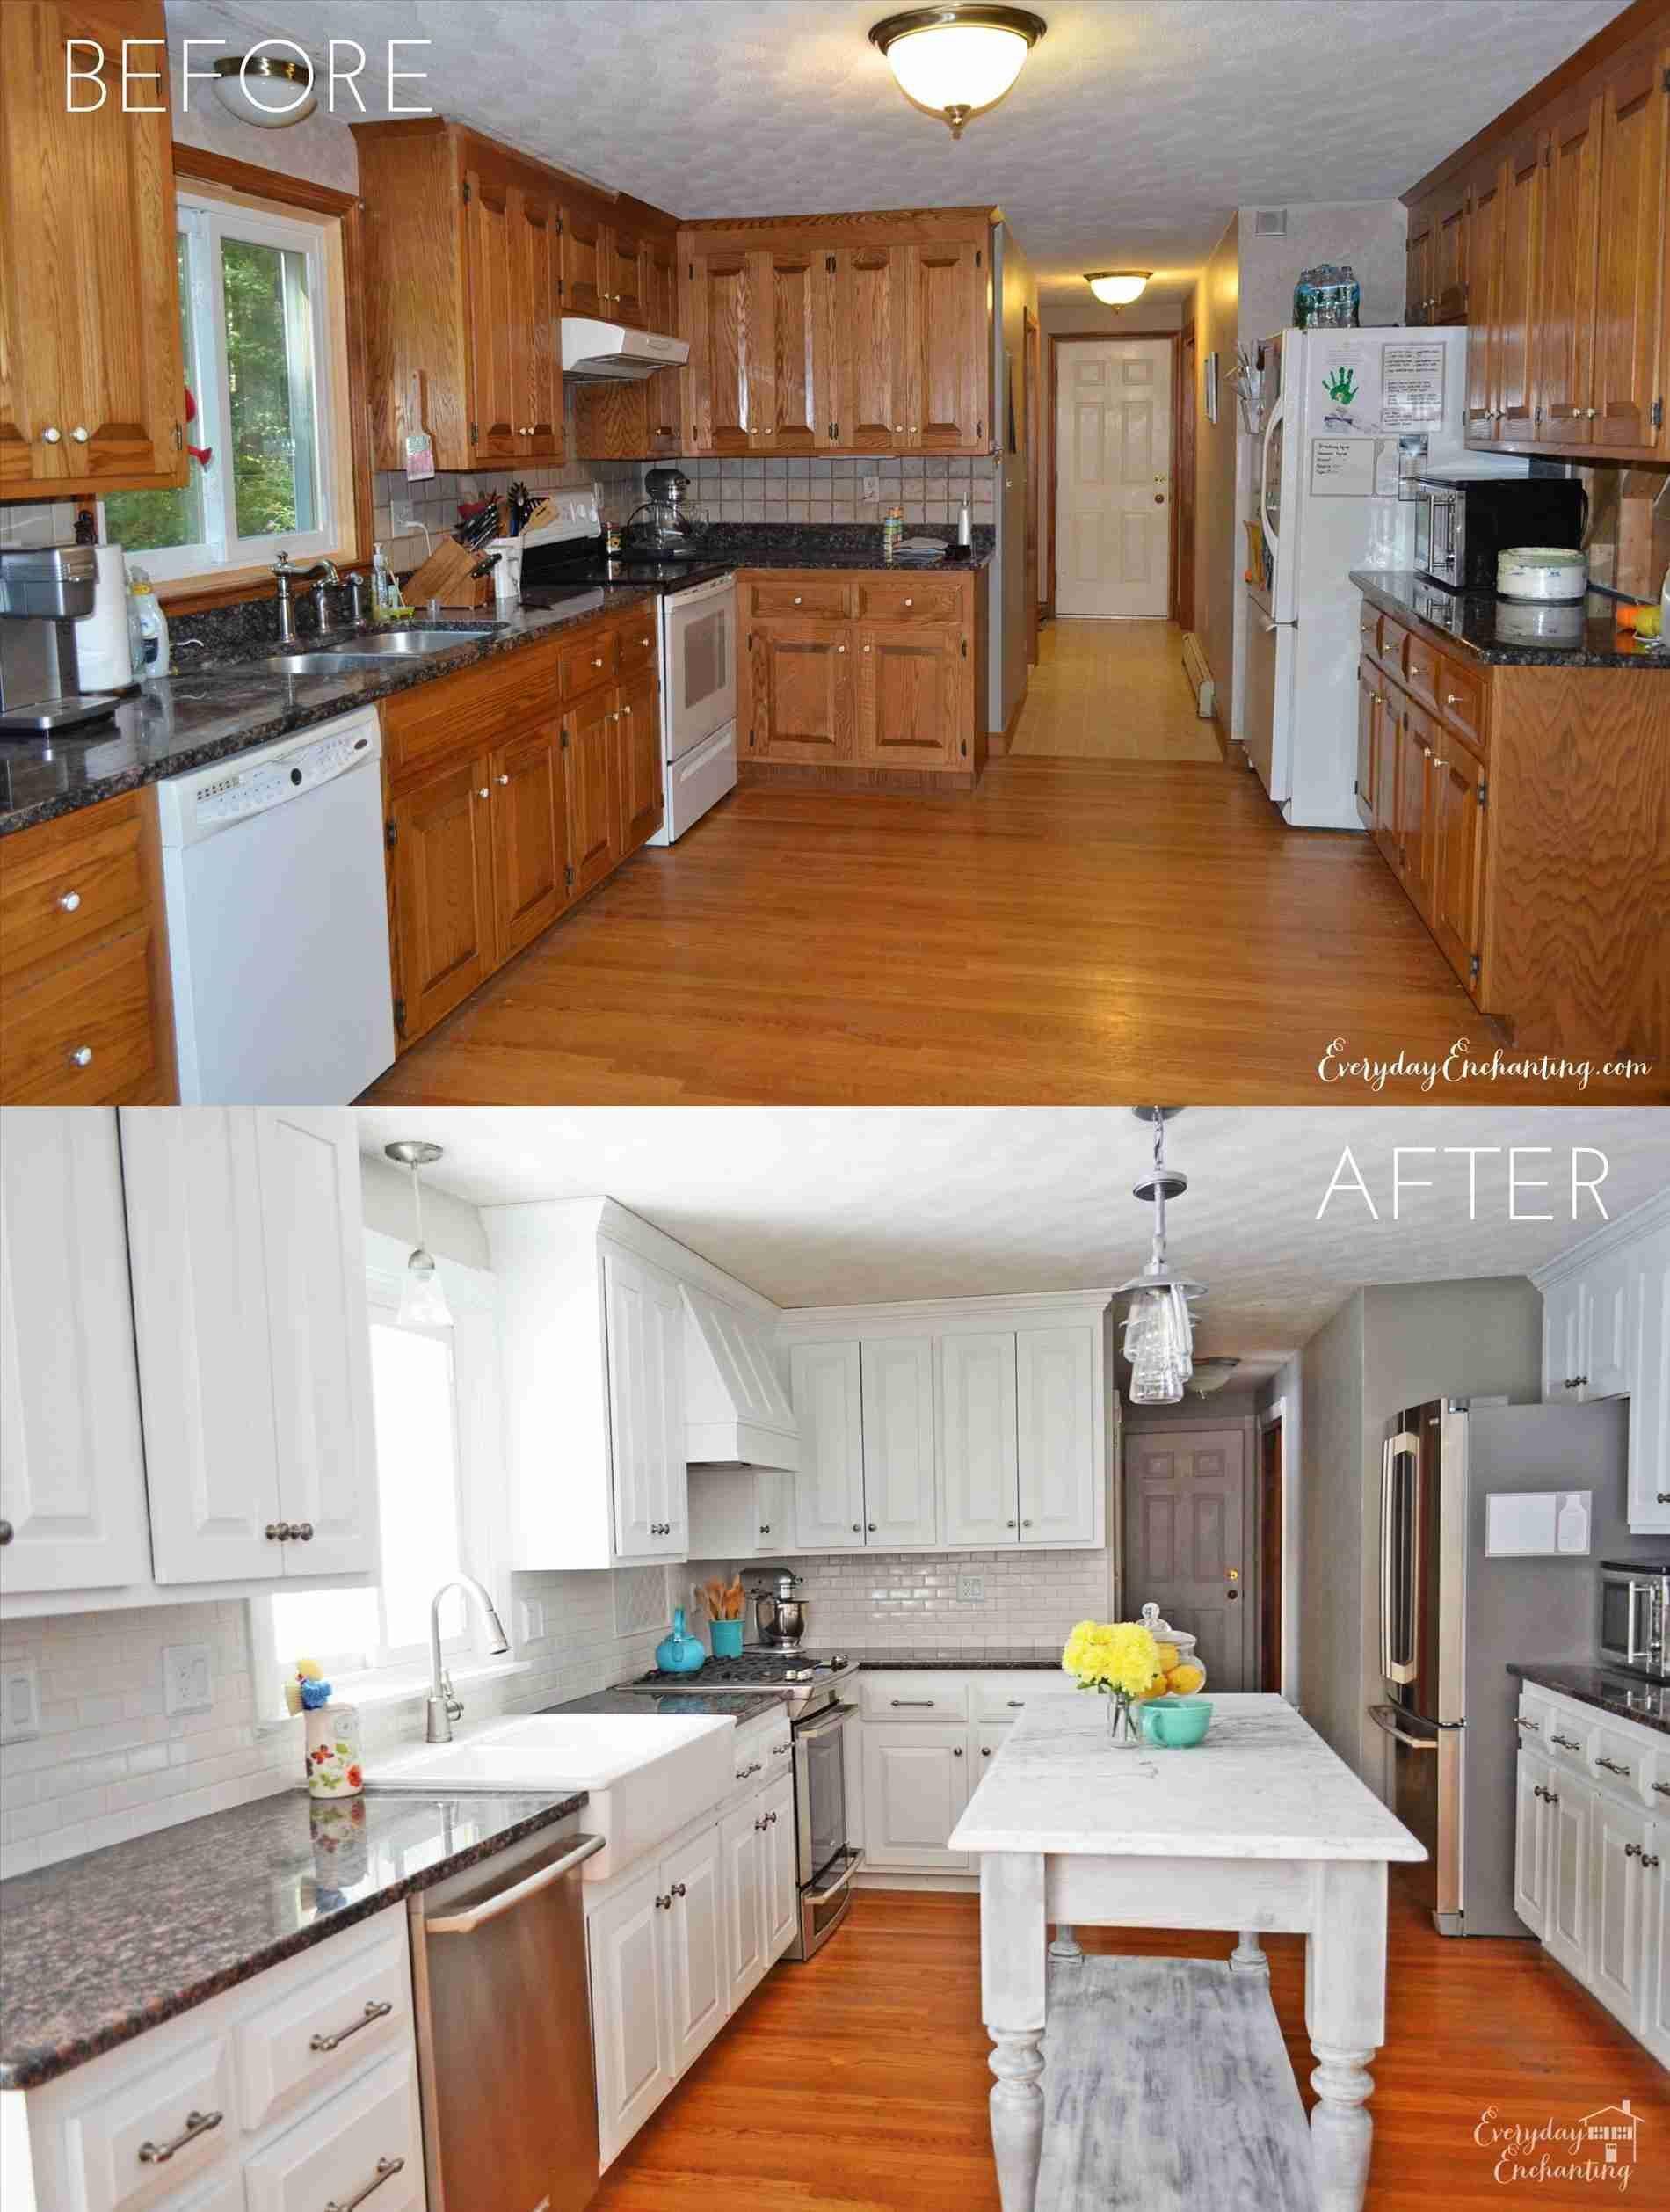 Painting Oak Cabinets White Whitewashed Furniture Whitewashing Wood Pickled Oak Cabinets Go Kitchen Inspirations Painting Kitchen Cabinets Home Kitchens